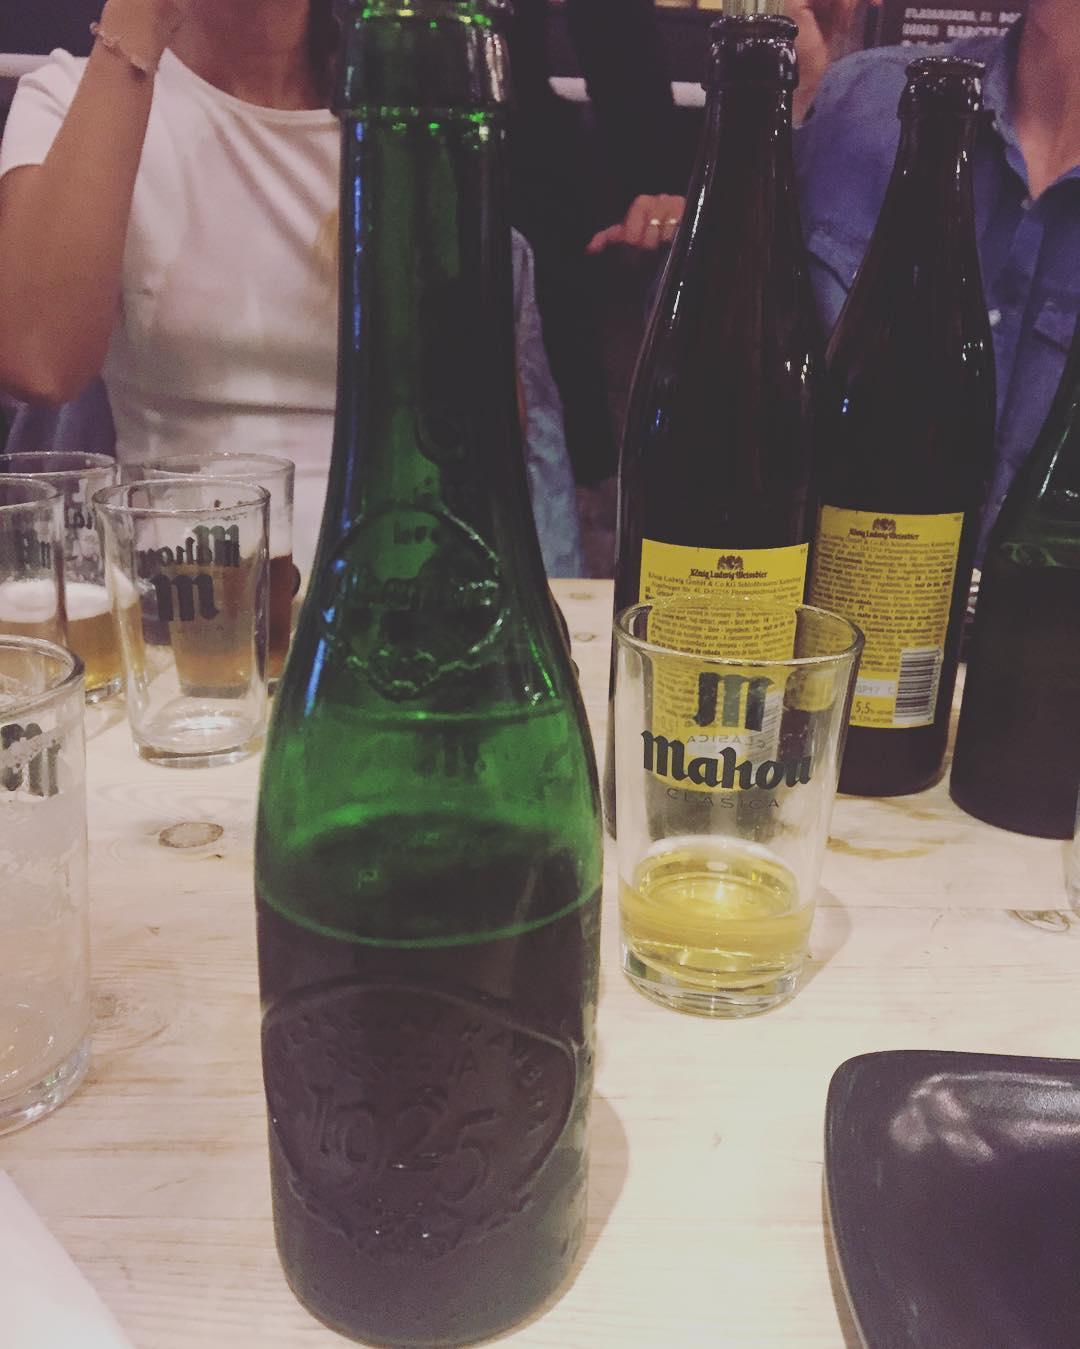 Primicia: estamos probando #cervezasalhambra @mahou_es Avisados estáis gracias al #mercatprincesaoktoberfest2016 y había una cosita sobre el #rojo que no puedo contar ;((